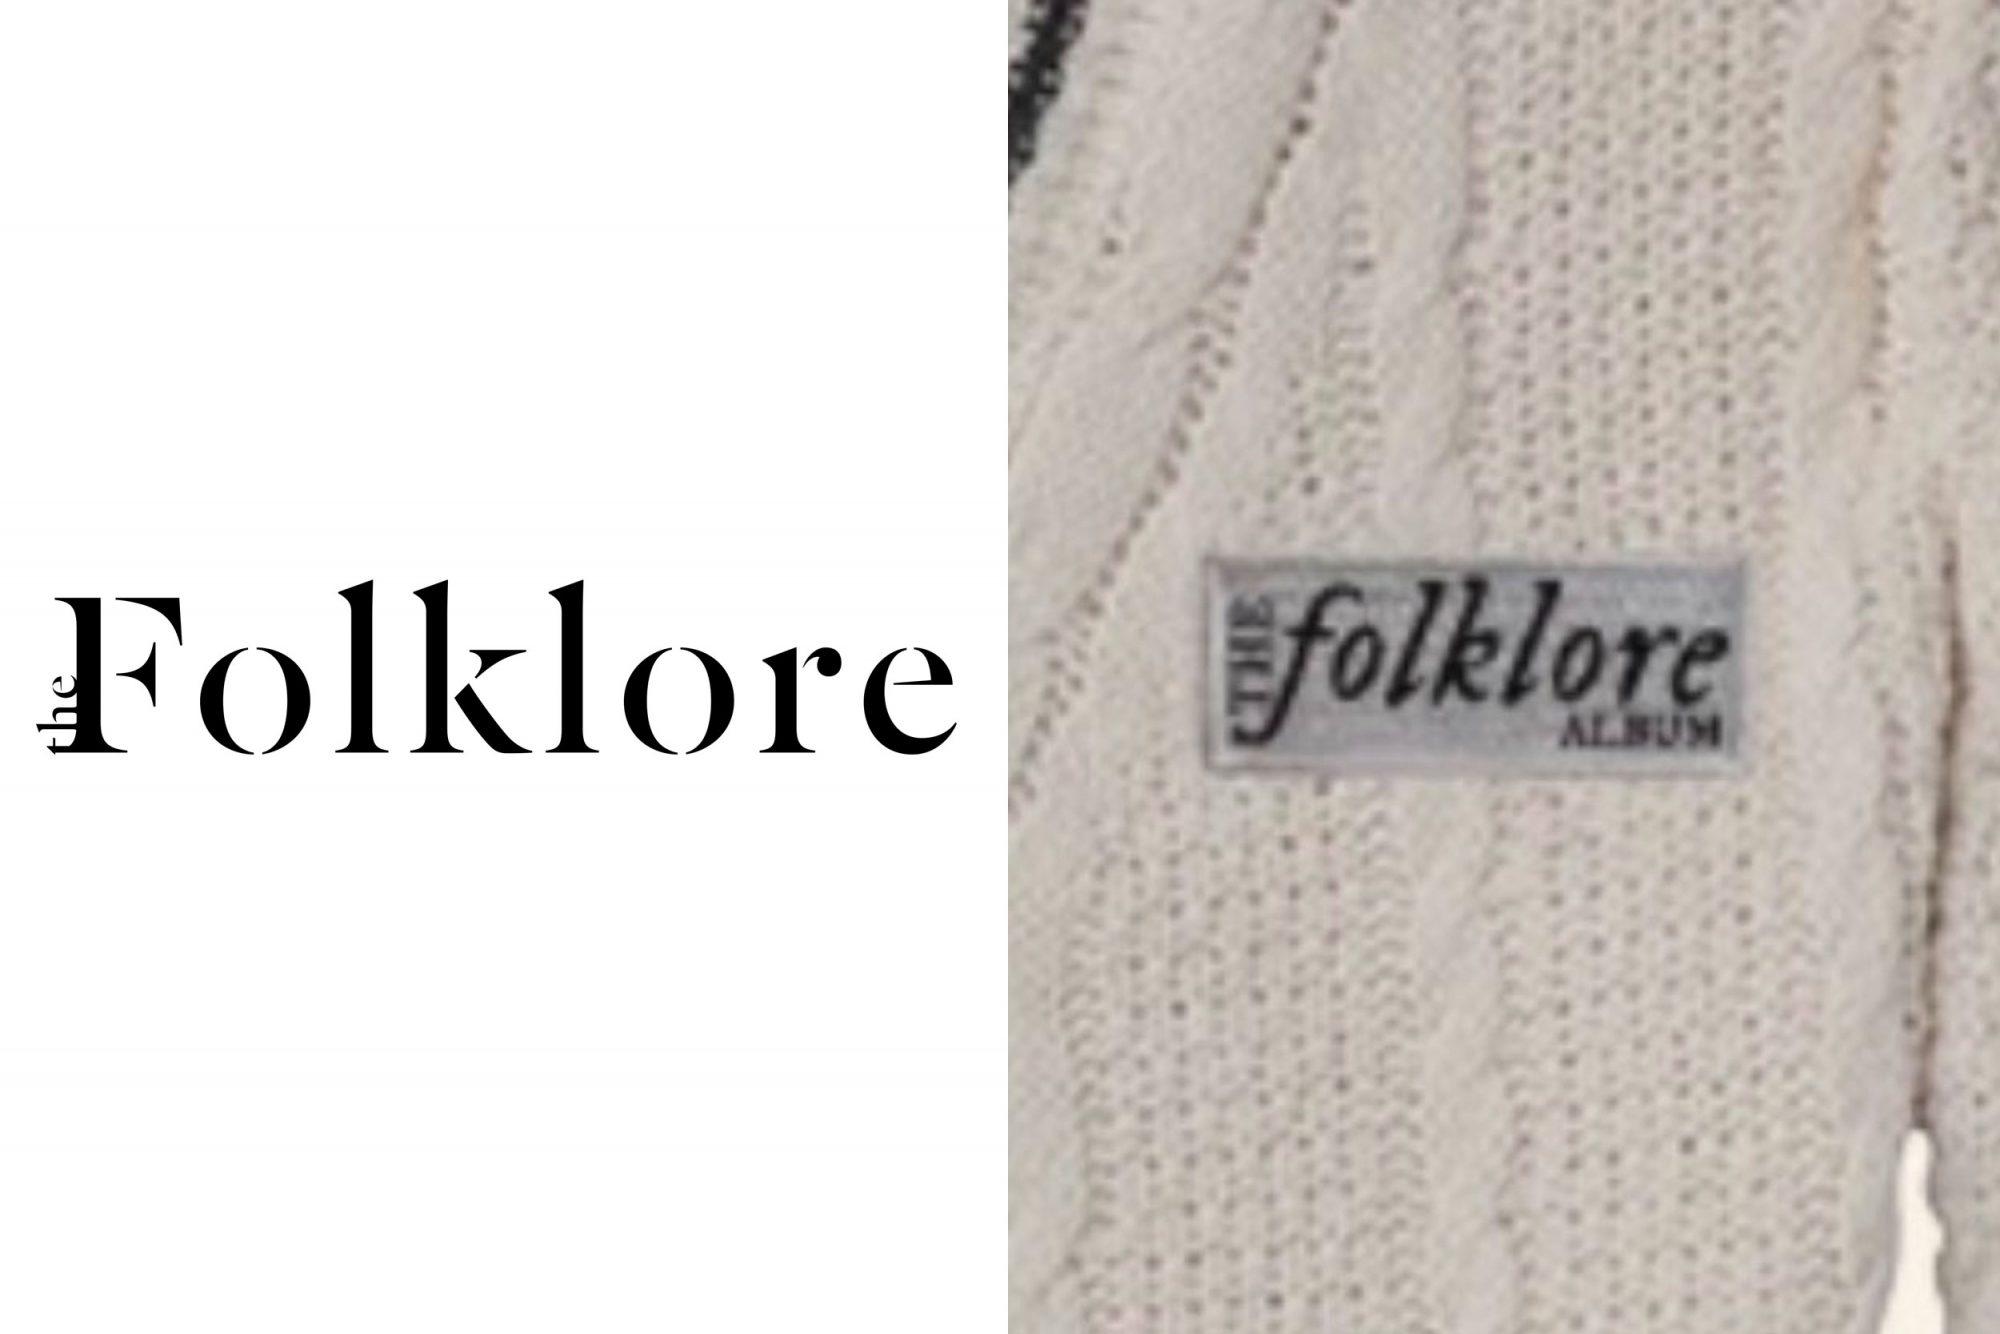 Taylor Swift Dituduh Curi Logo Album Folklore, Begini Penjelasannya